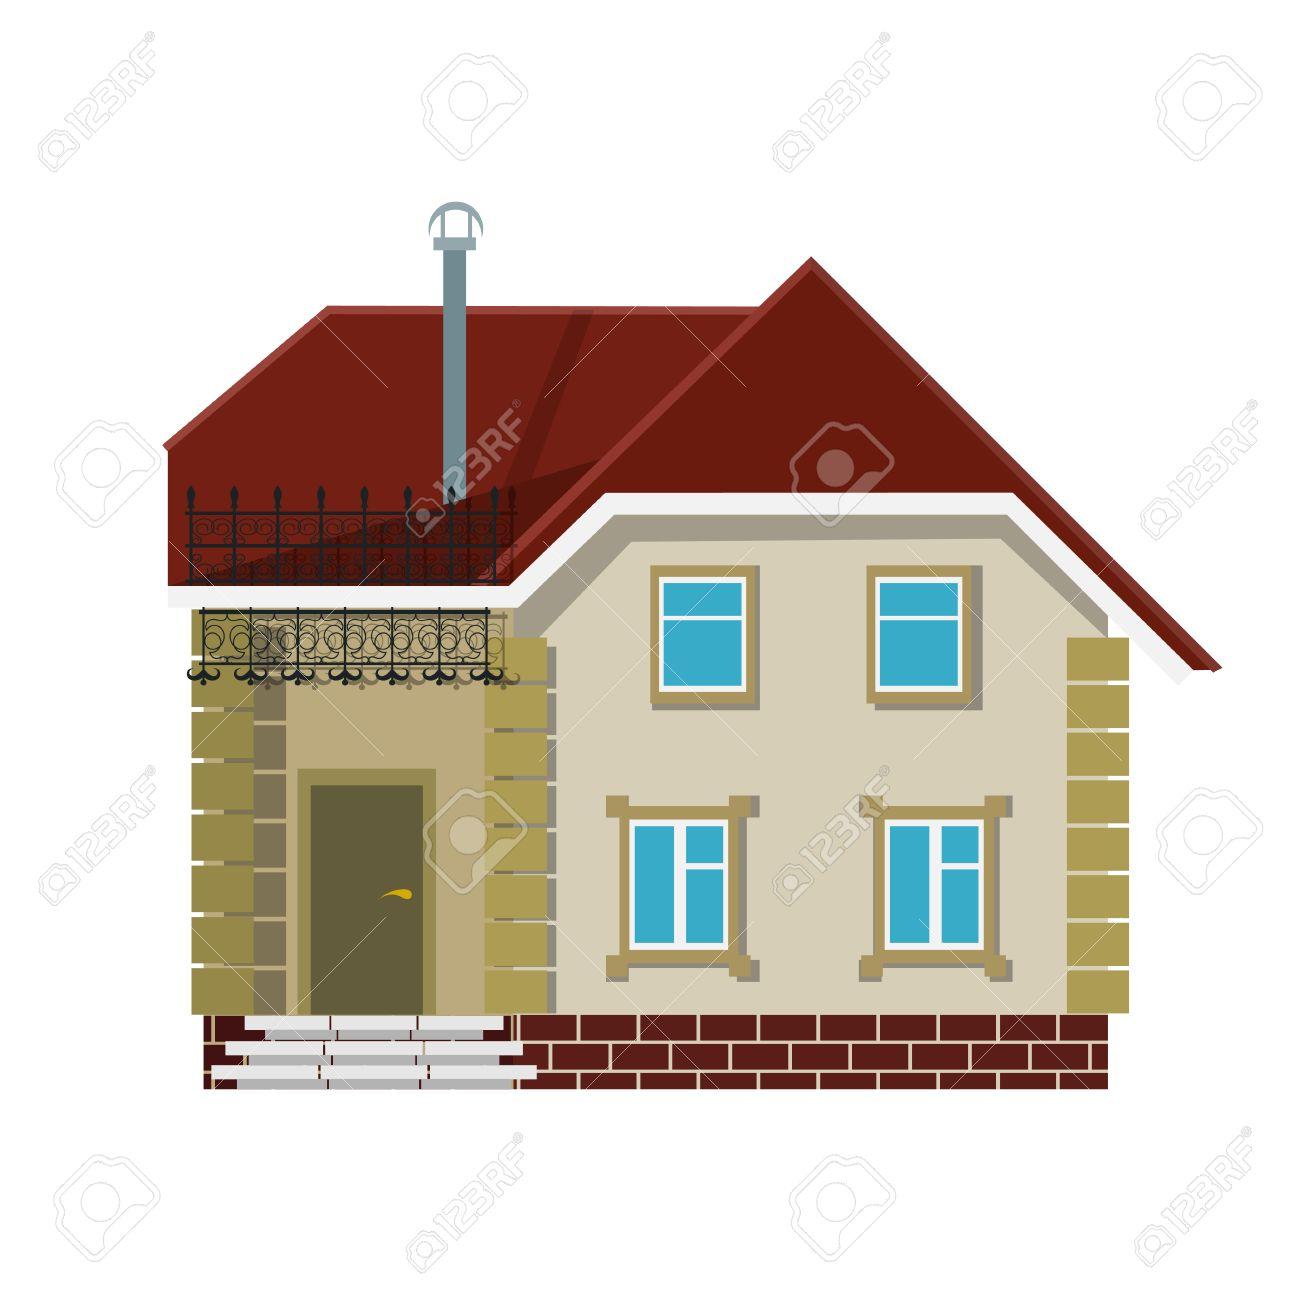 Kleines Dorf Haus Auf Einem Weißen Hintergrund. Die Wohnung Stil. Farbe  Vektor Bild